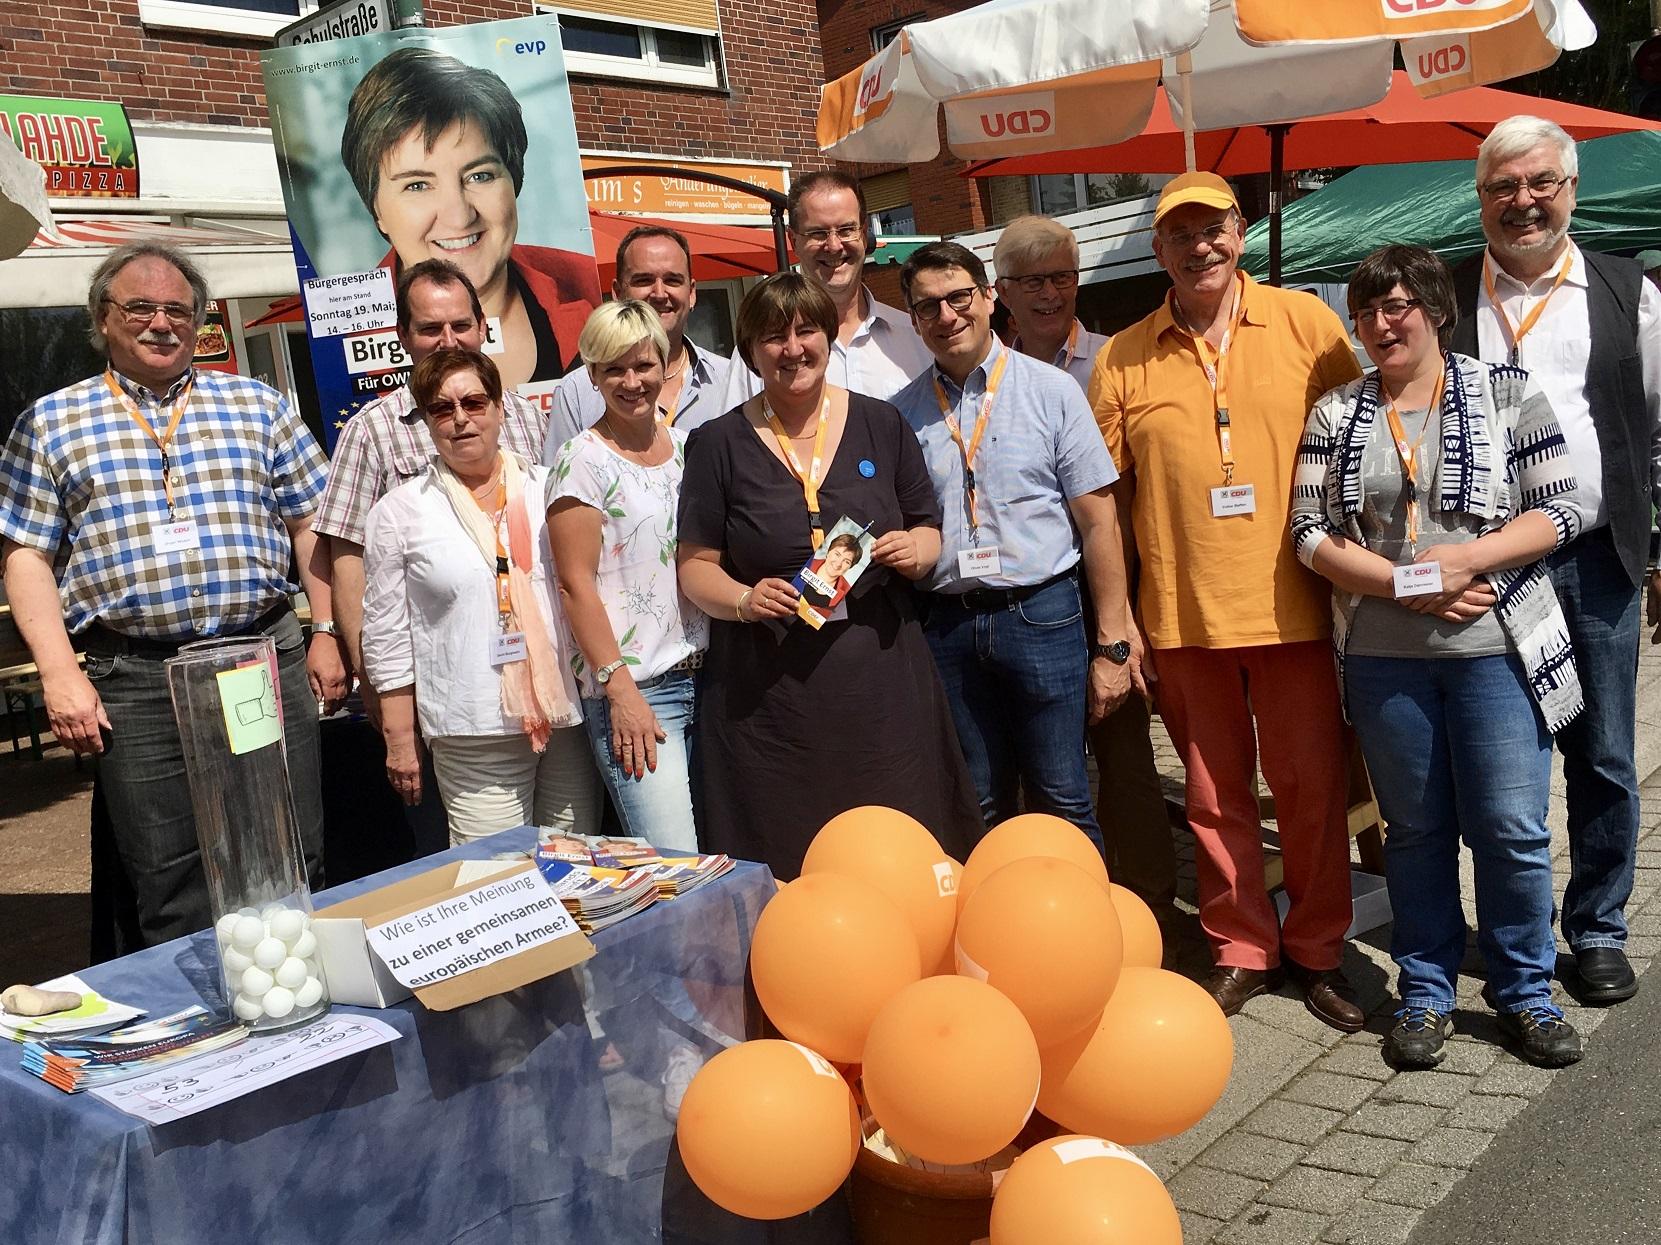 Einige derTeilnehmer des Informationsstandes. Dabei: CDU-Kandidatin Birgit Ernst (Bildmitte).